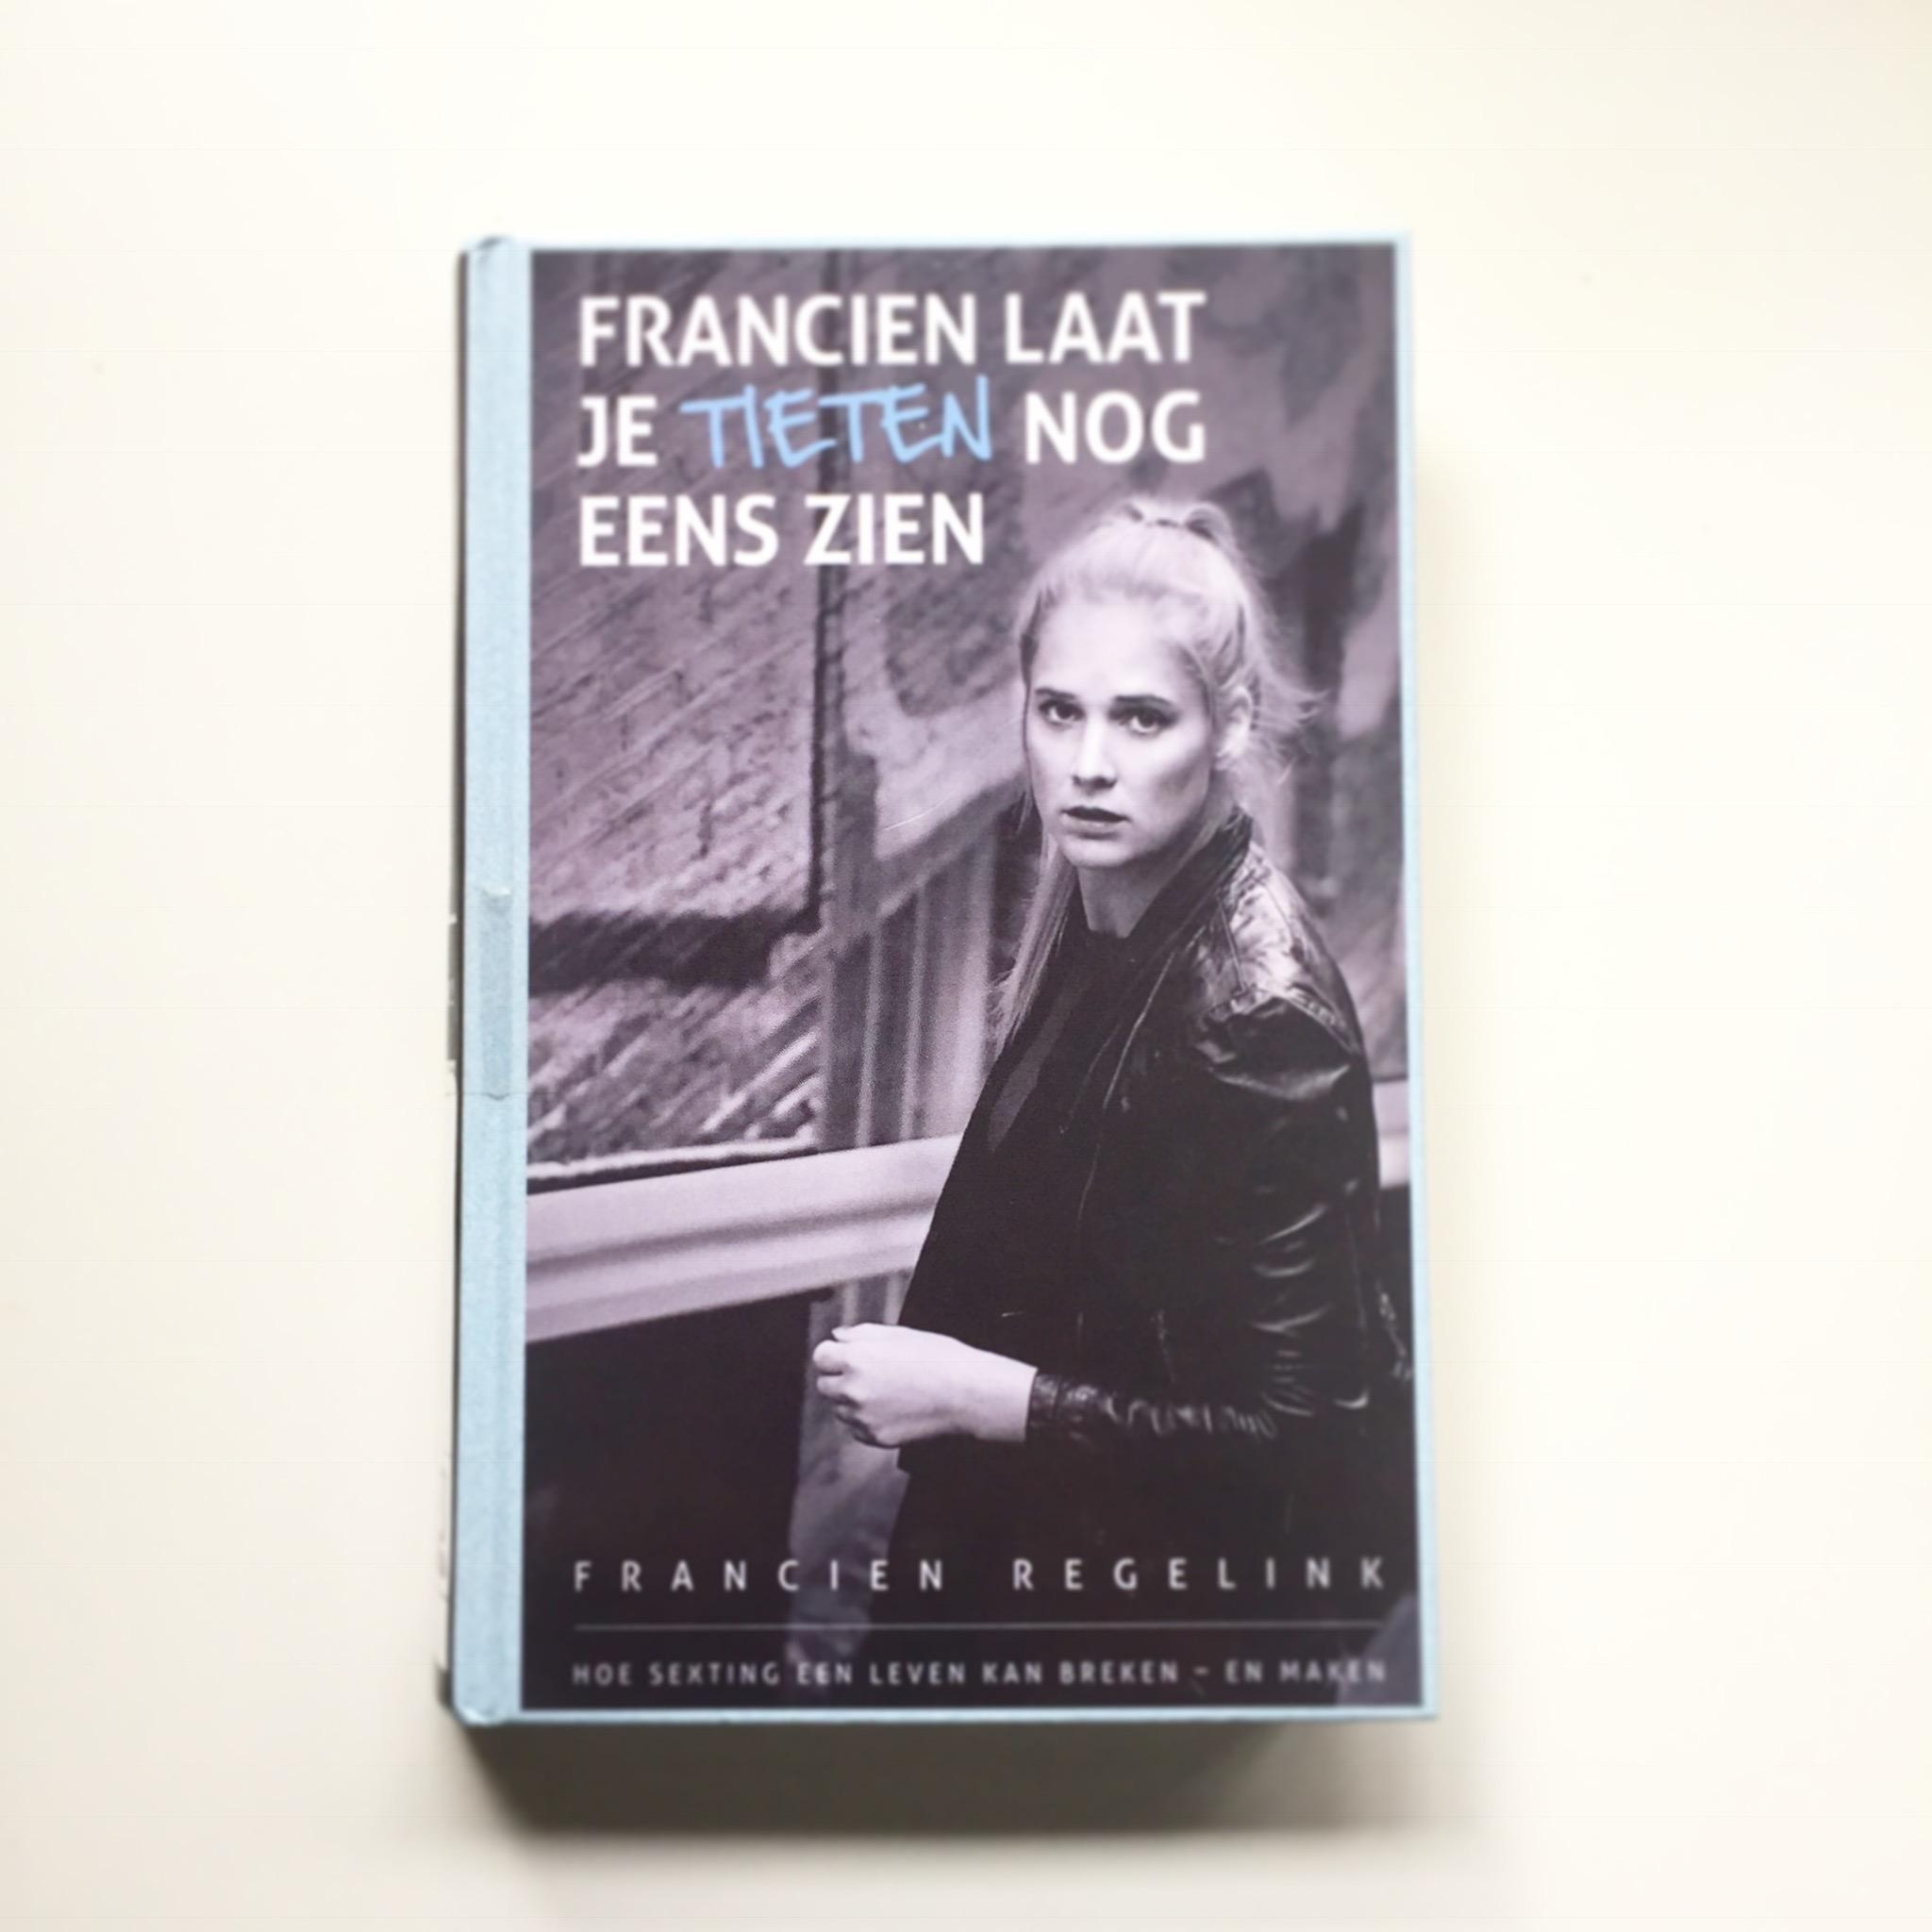 """Maiden Magazine bookclub: """"Francien laat je tieten nog eens zien"""", van Francien Regelink"""